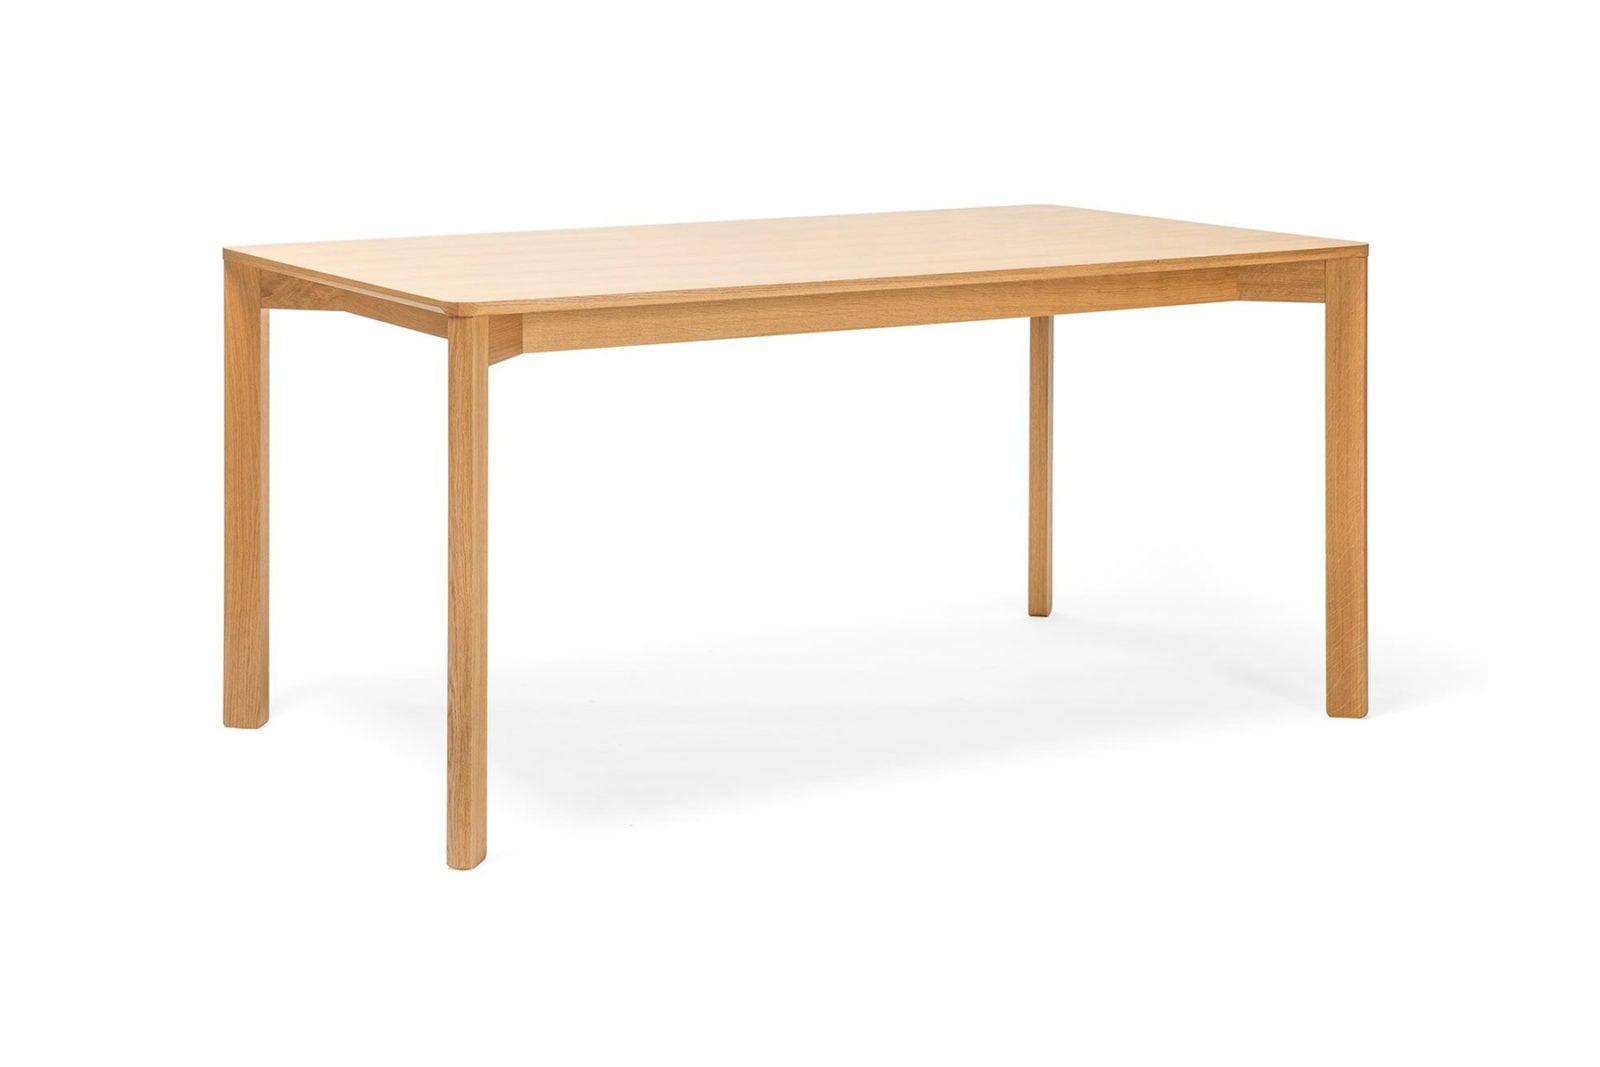 TON Table Lasa STATEMENT iD : TON Table Lasa Z 8 from statementid.co.nz size 1800 x 1200 jpeg 244kB